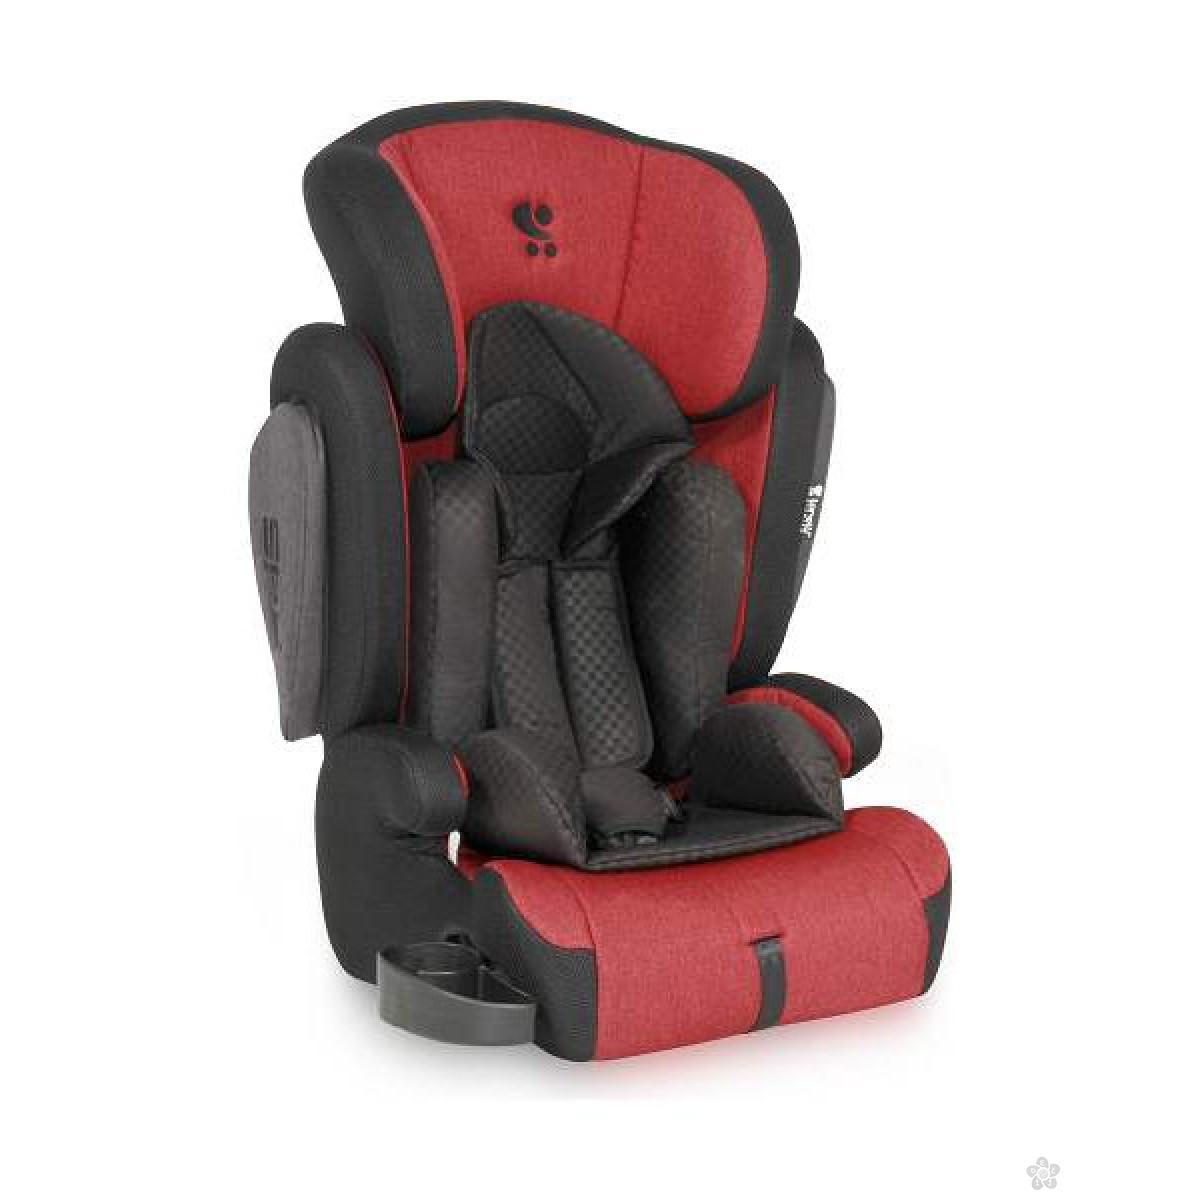 Auto Sedište Omega Red & Black 9-36kg, 10071041733